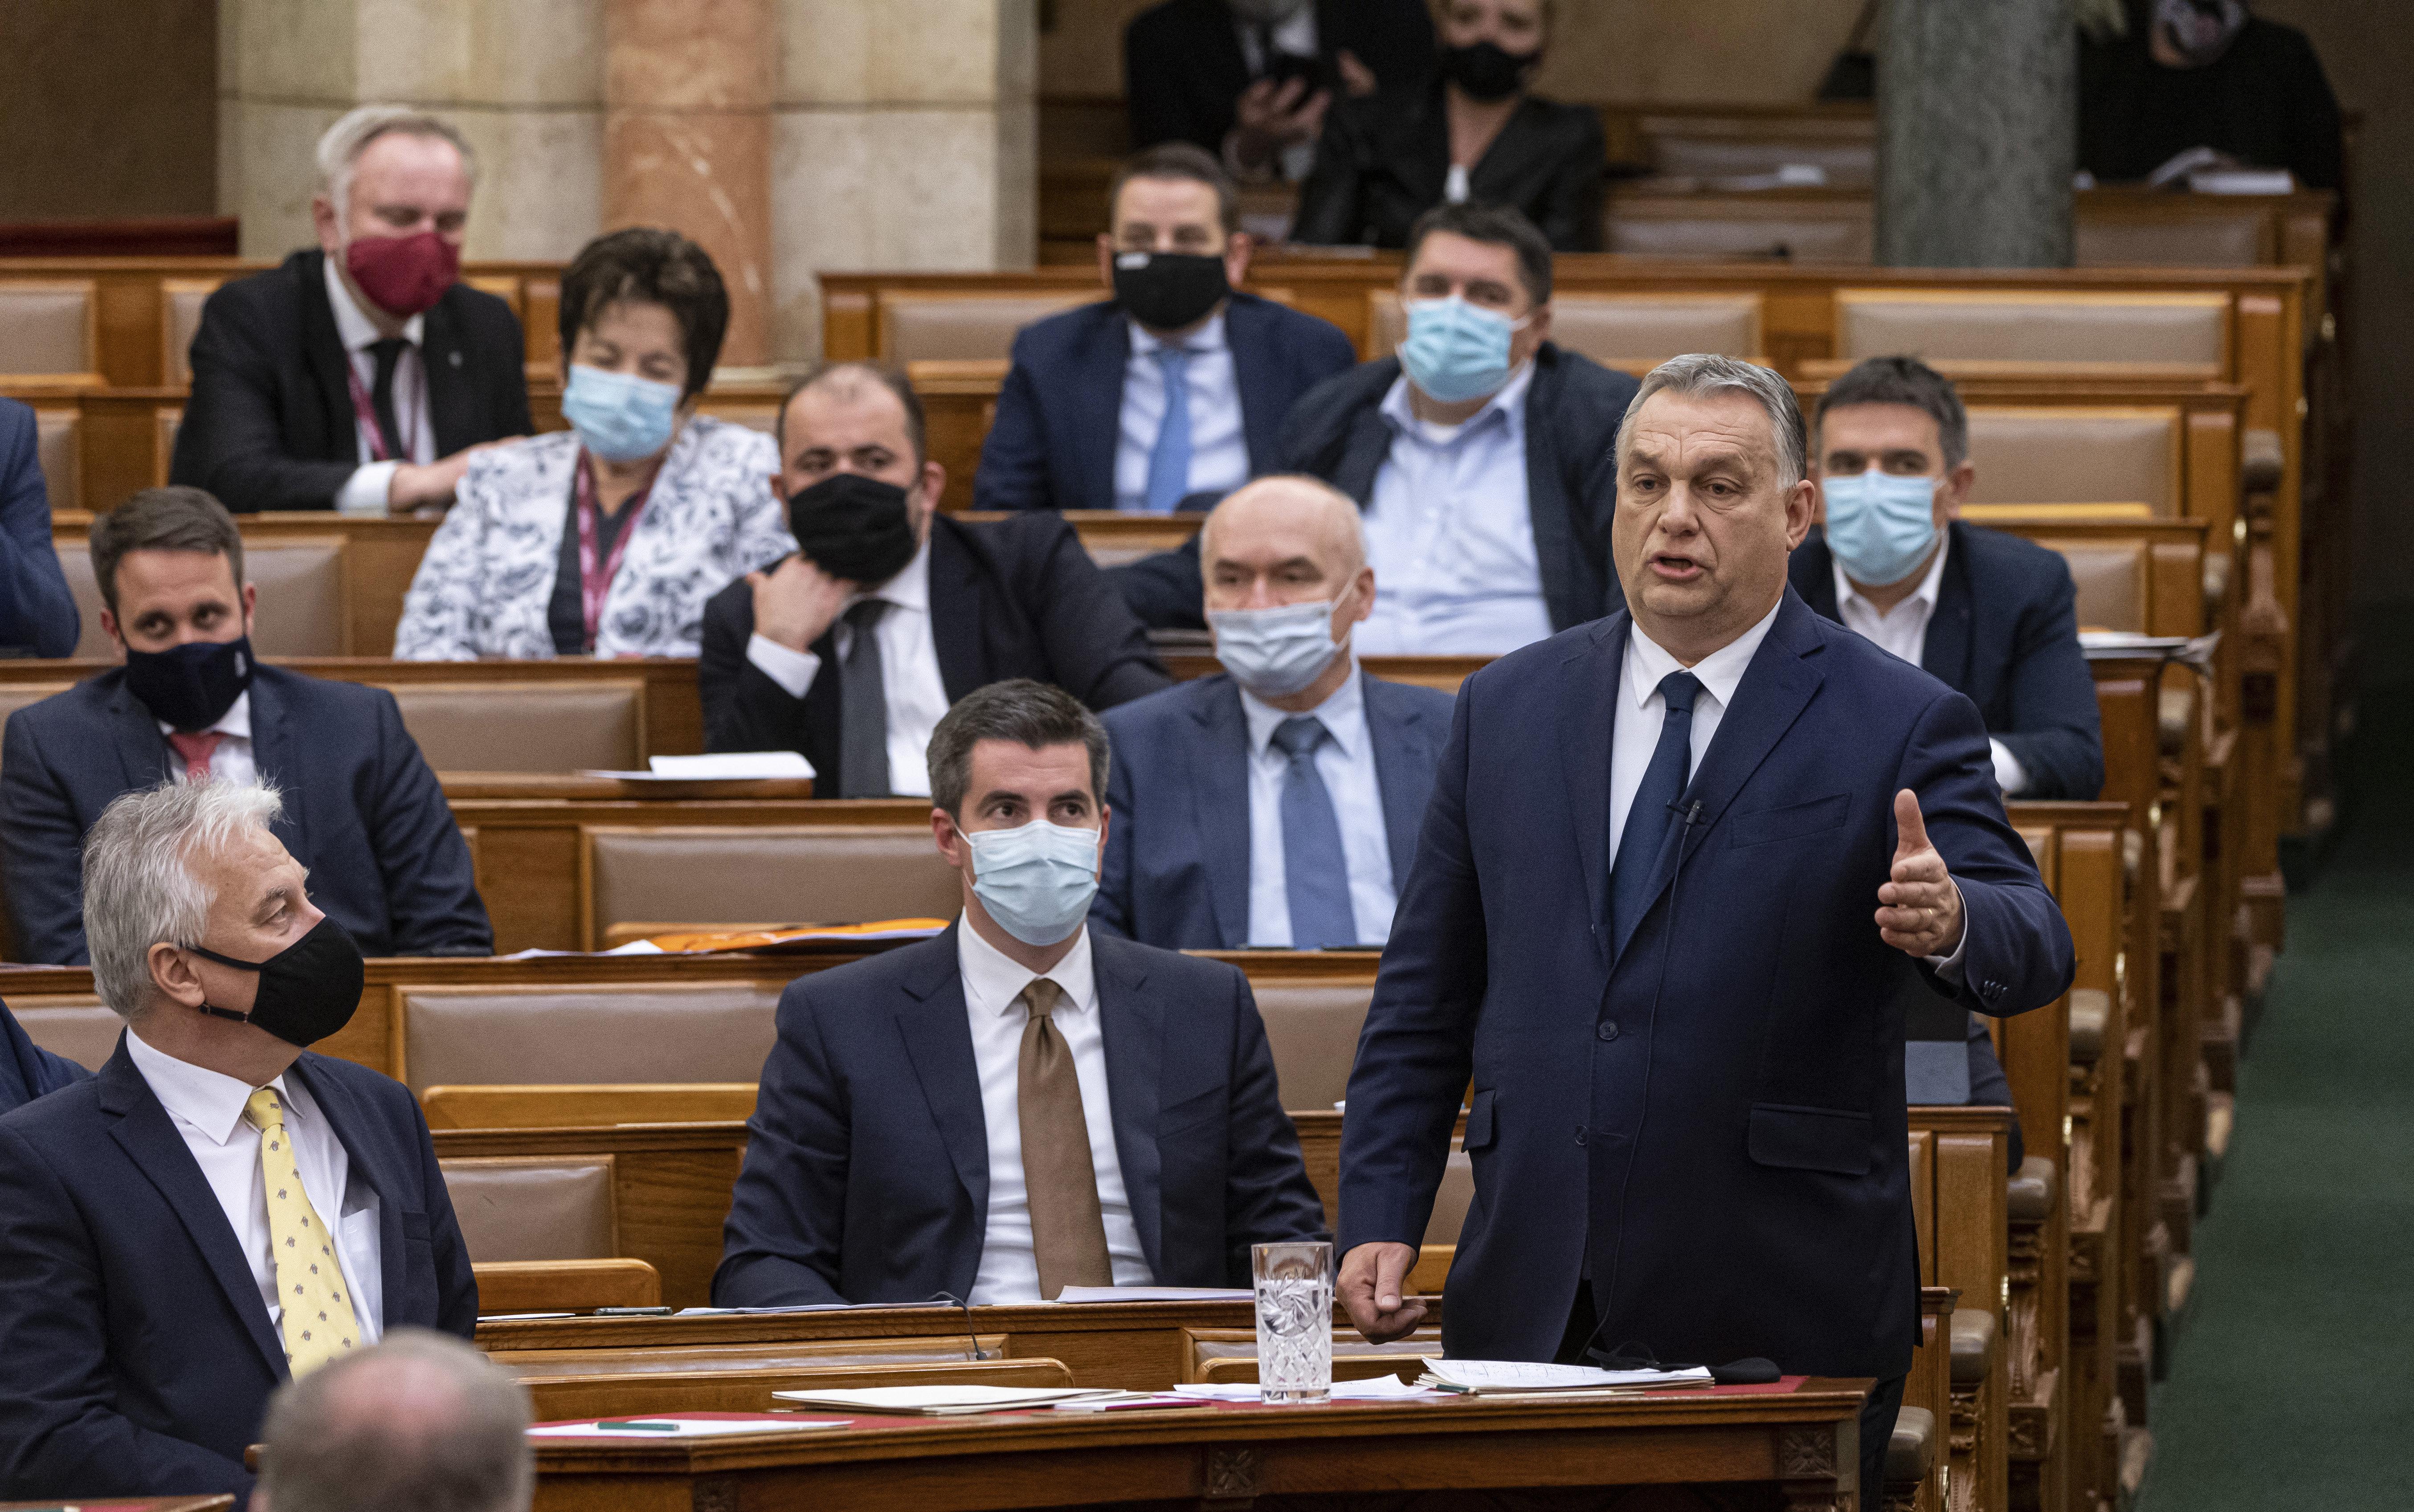 Orbán szeptemberben még magára vállalta a felelősséget, hétezer áldozat mellett már nem